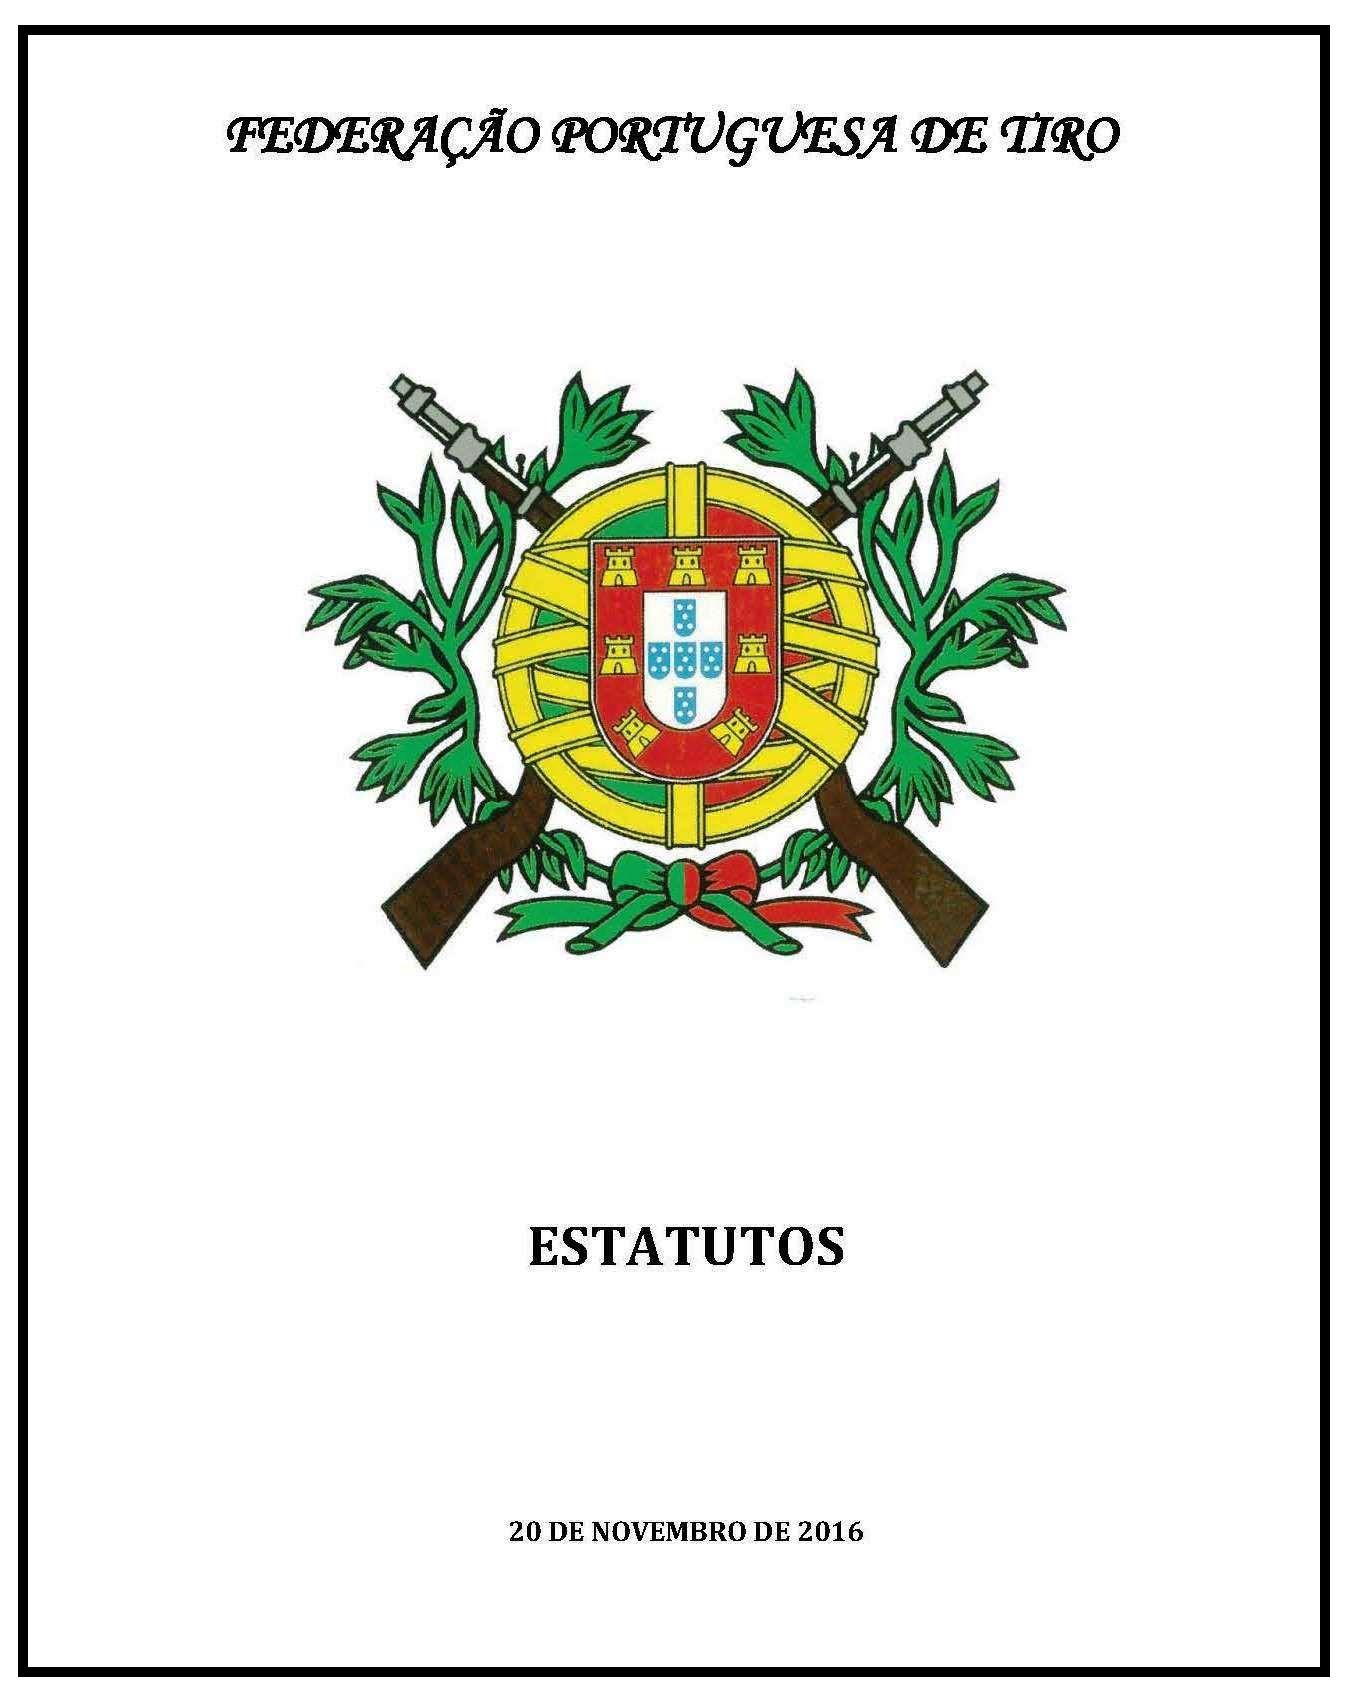 estatutos_fpt